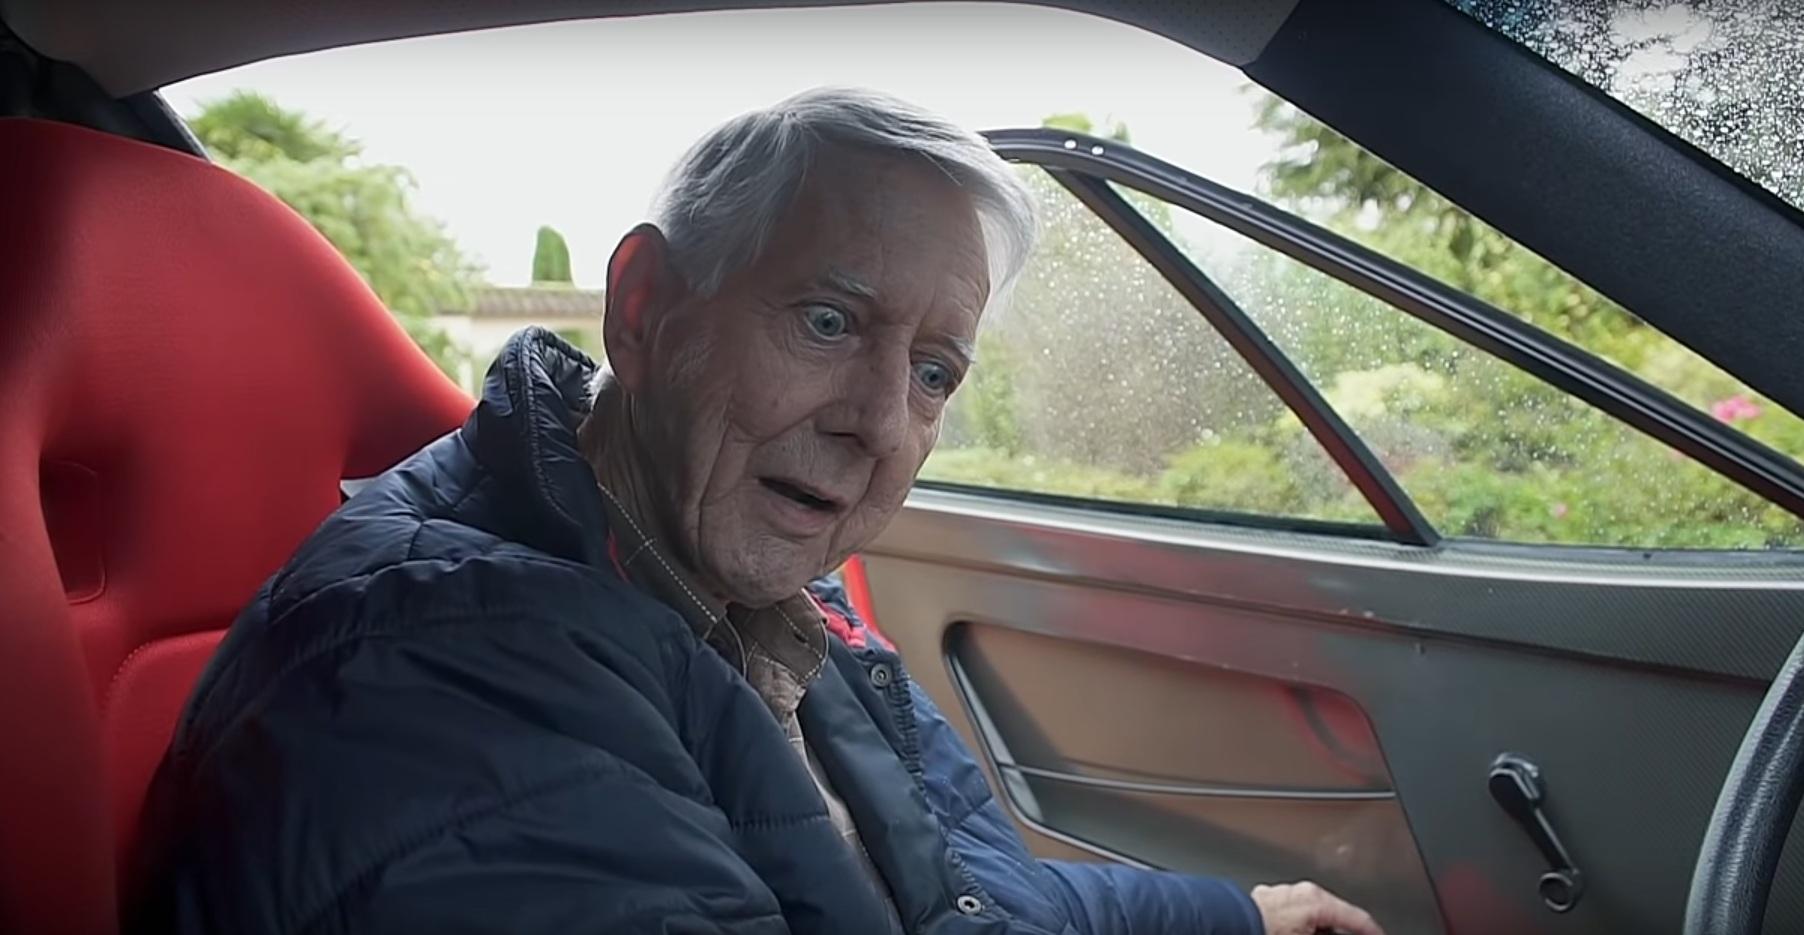 Дедушка удивил впечатлящей коллекцией экстремальных суперкаров (видео)